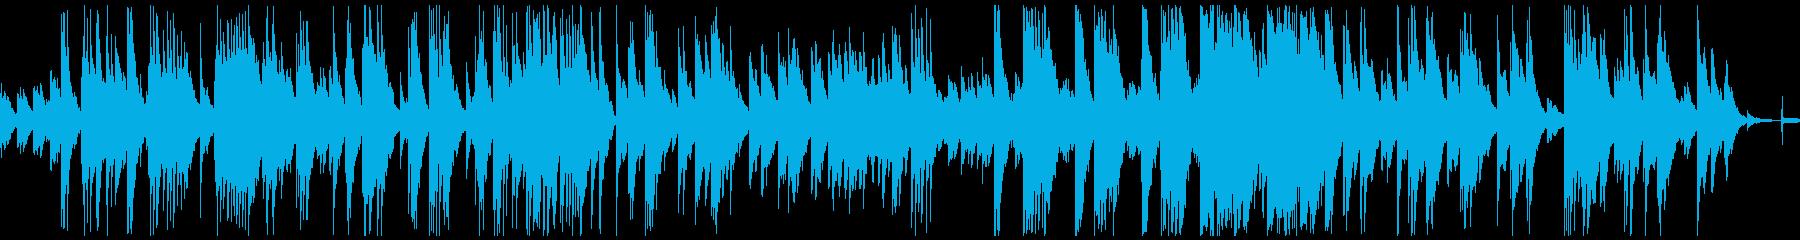 ピアノロマンティック、映画の楽譜、...の再生済みの波形